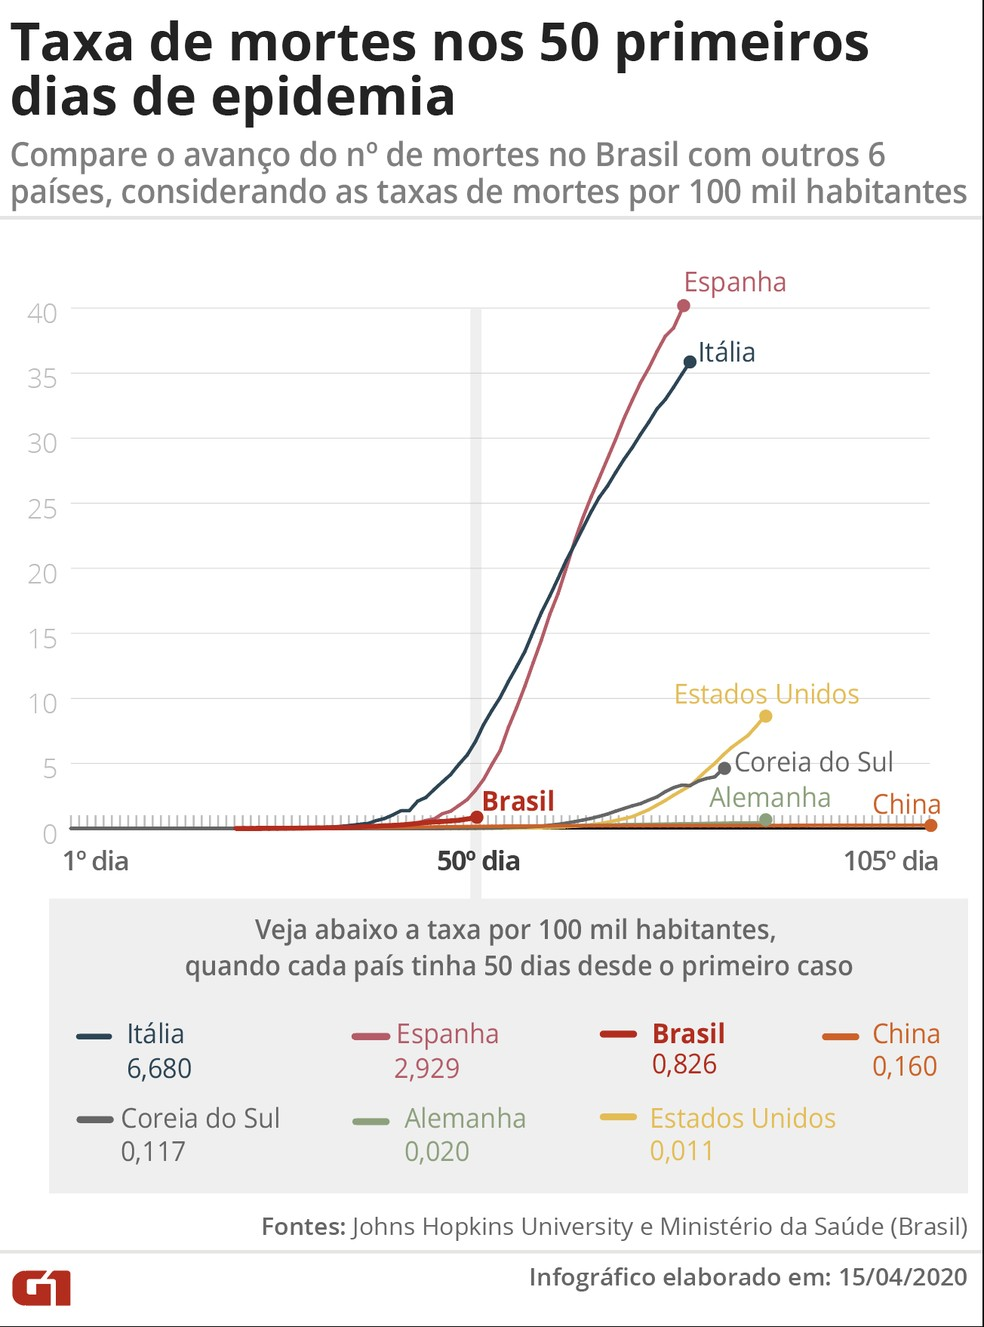 Gráfico mostra a taxa de mortes nos 50 primeiros dias de epidemia em cada um dos países — Foto: G1